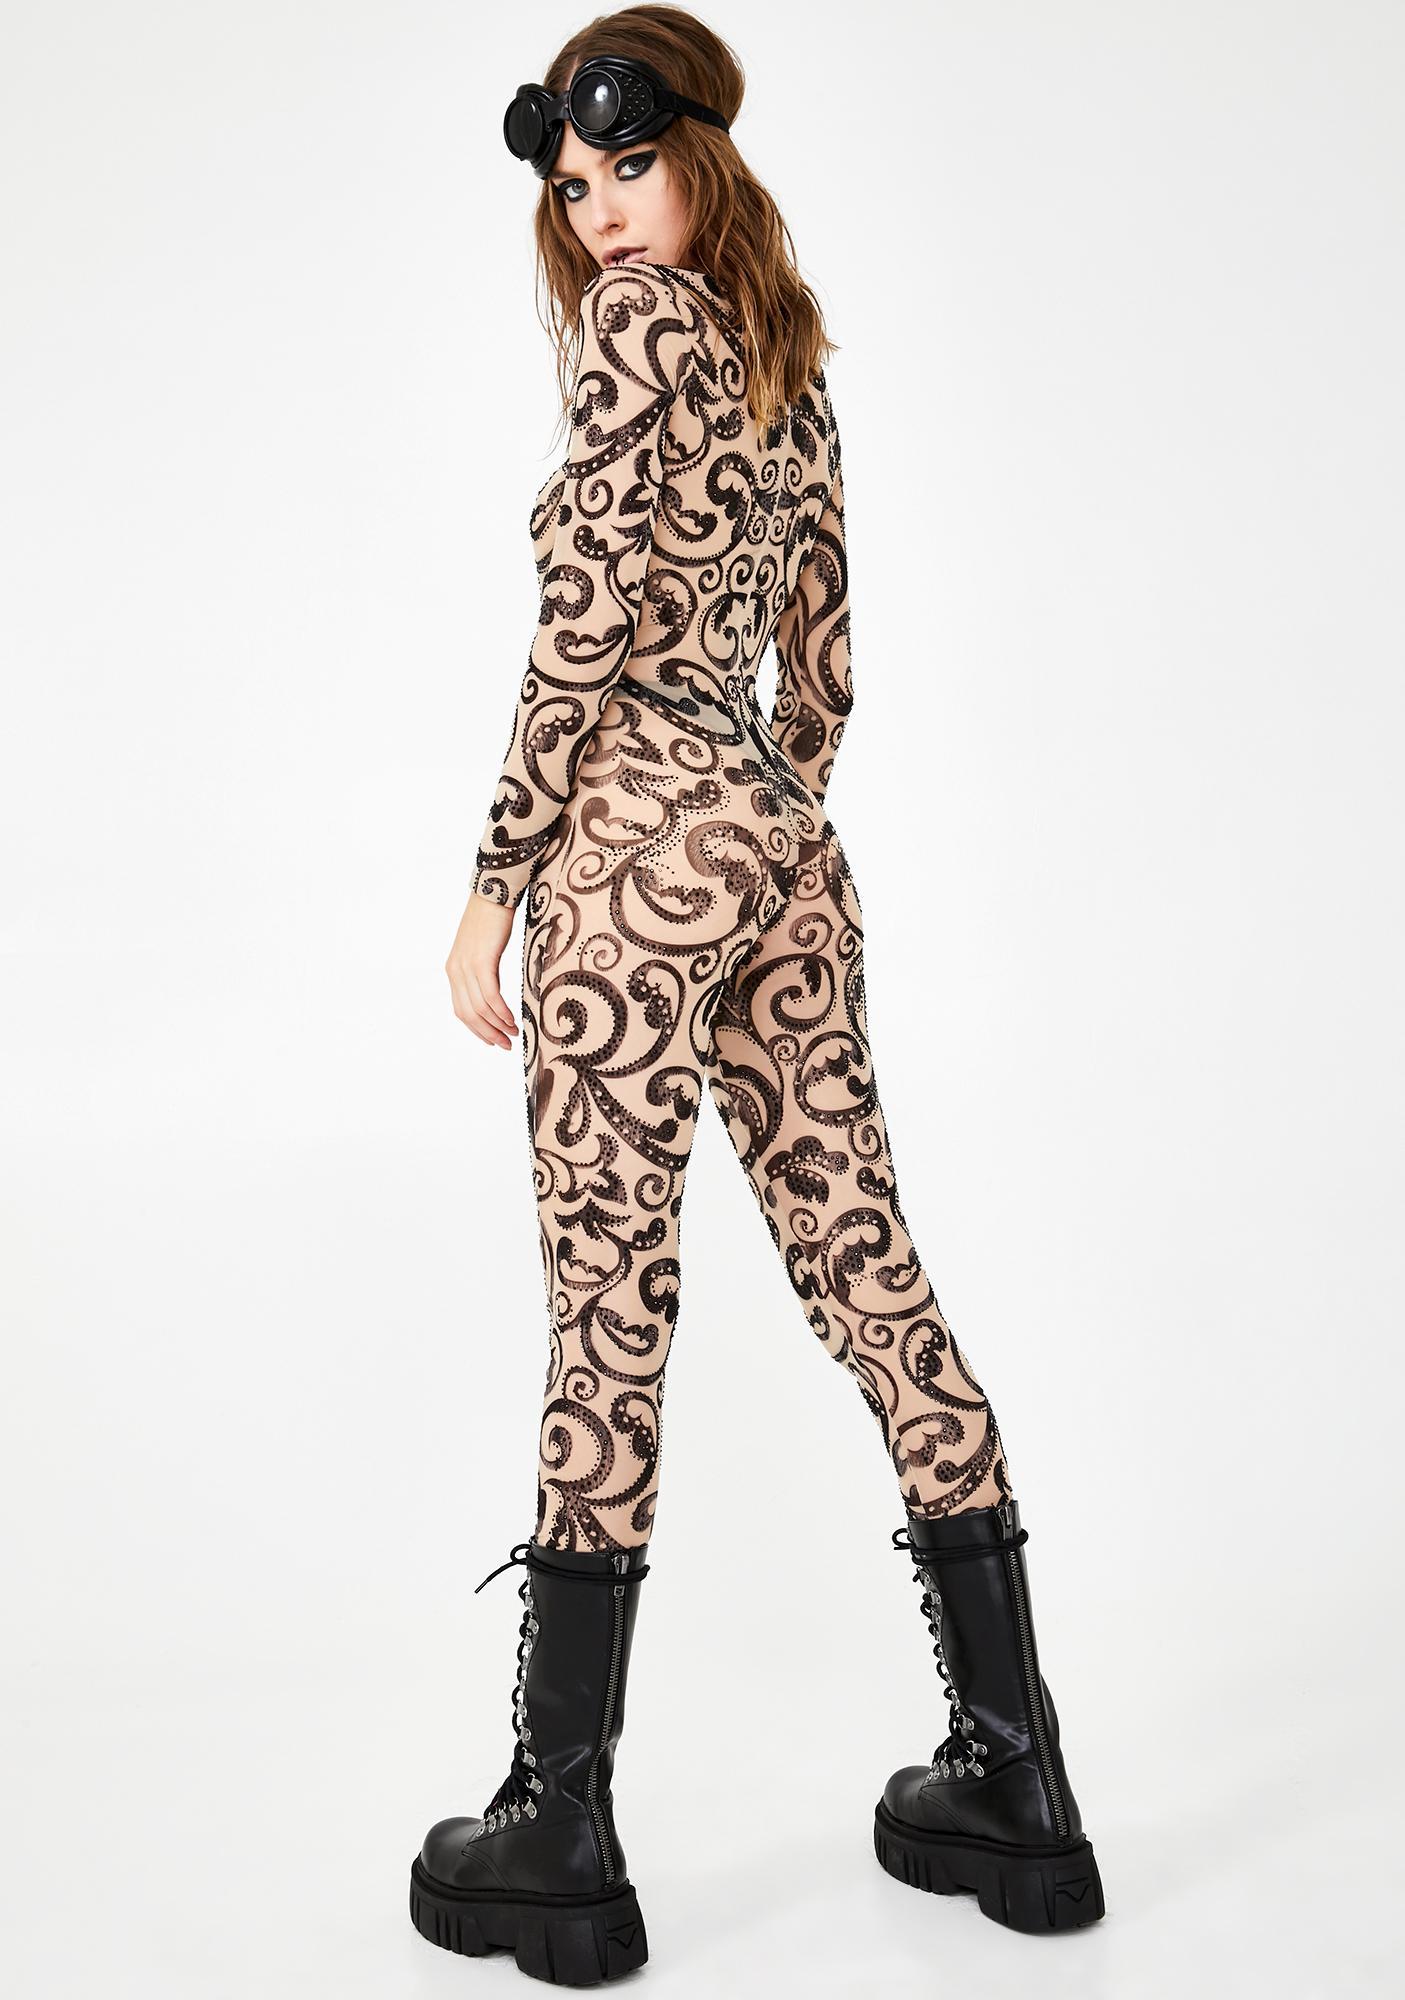 Kiki Riki Wavy Rager Printed Catsuit